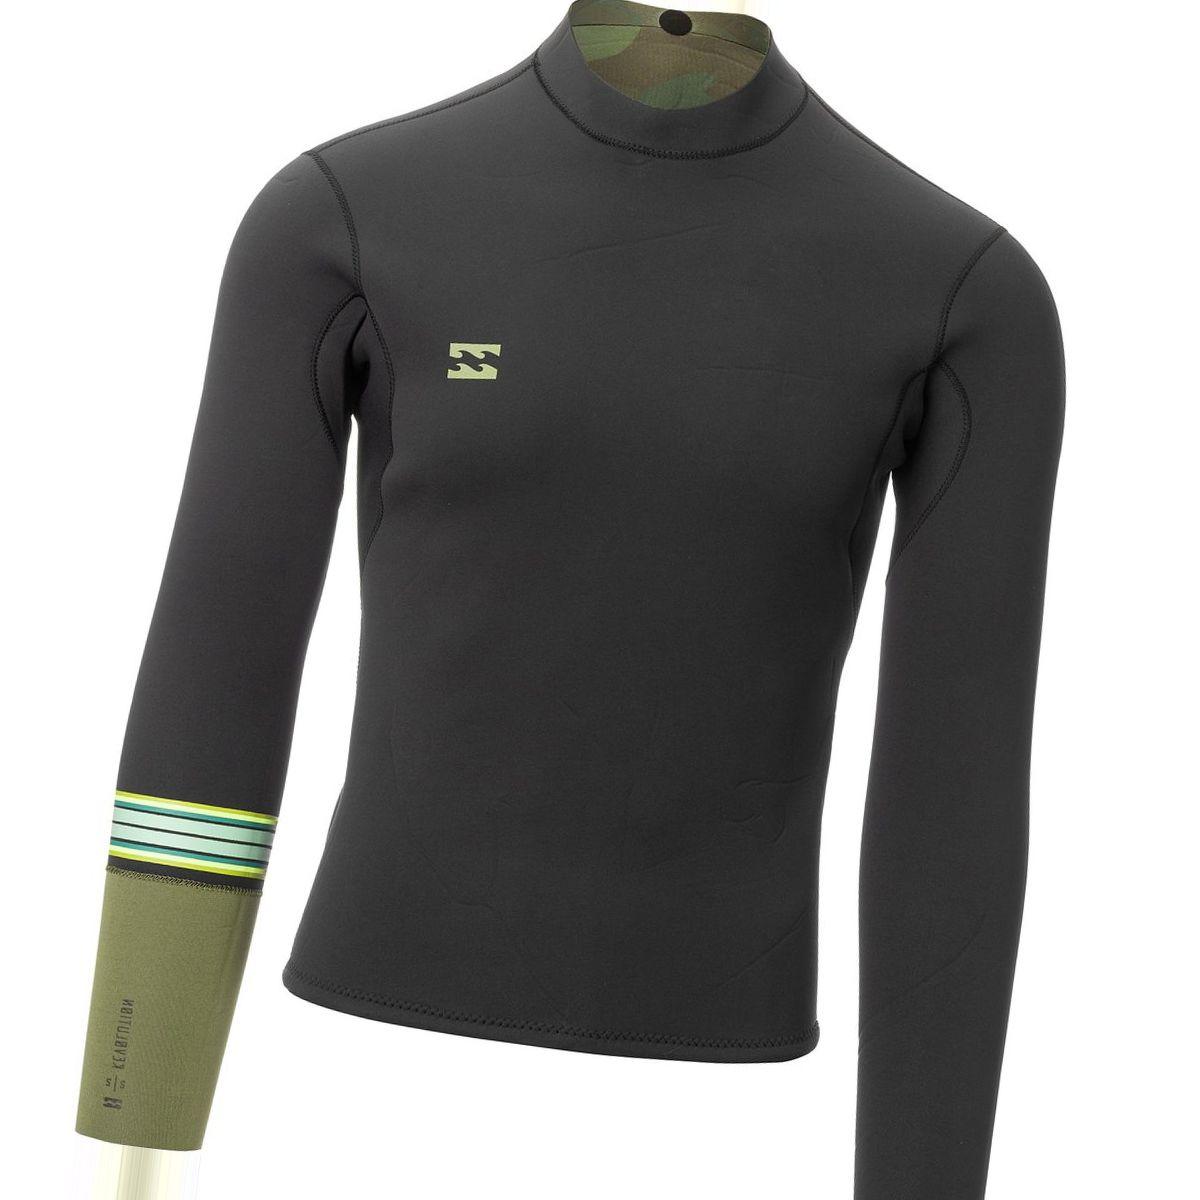 Billabong 2mm Revolution DBah Long-Sleeve Jacket - Men's